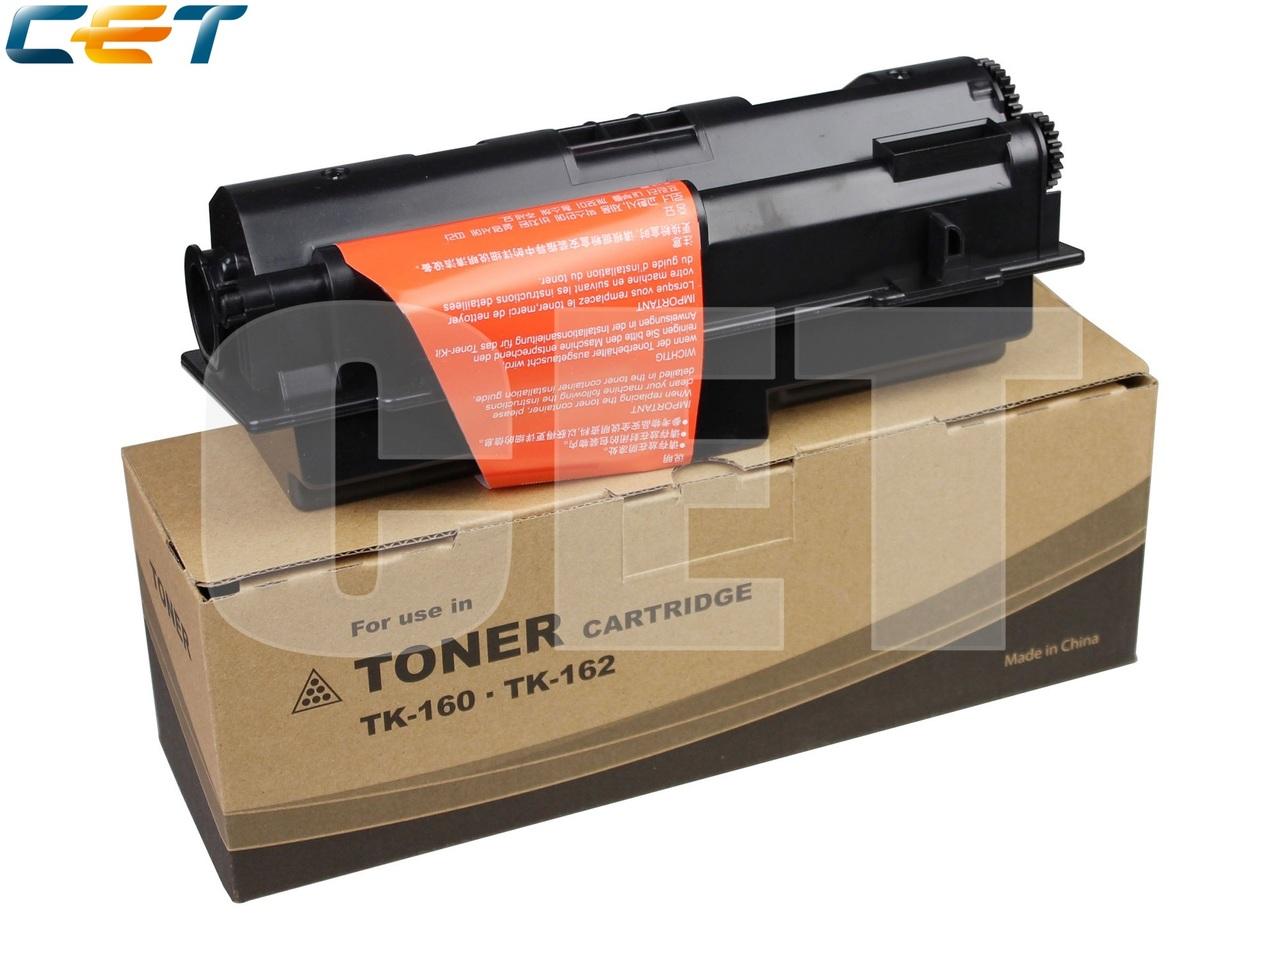 Тонер-картридж (PK2, без чипа) TK-160 для KYOCERAFS-1120D, ECOSYS P2035d (CET), 110г, 2500 стр., CET8173